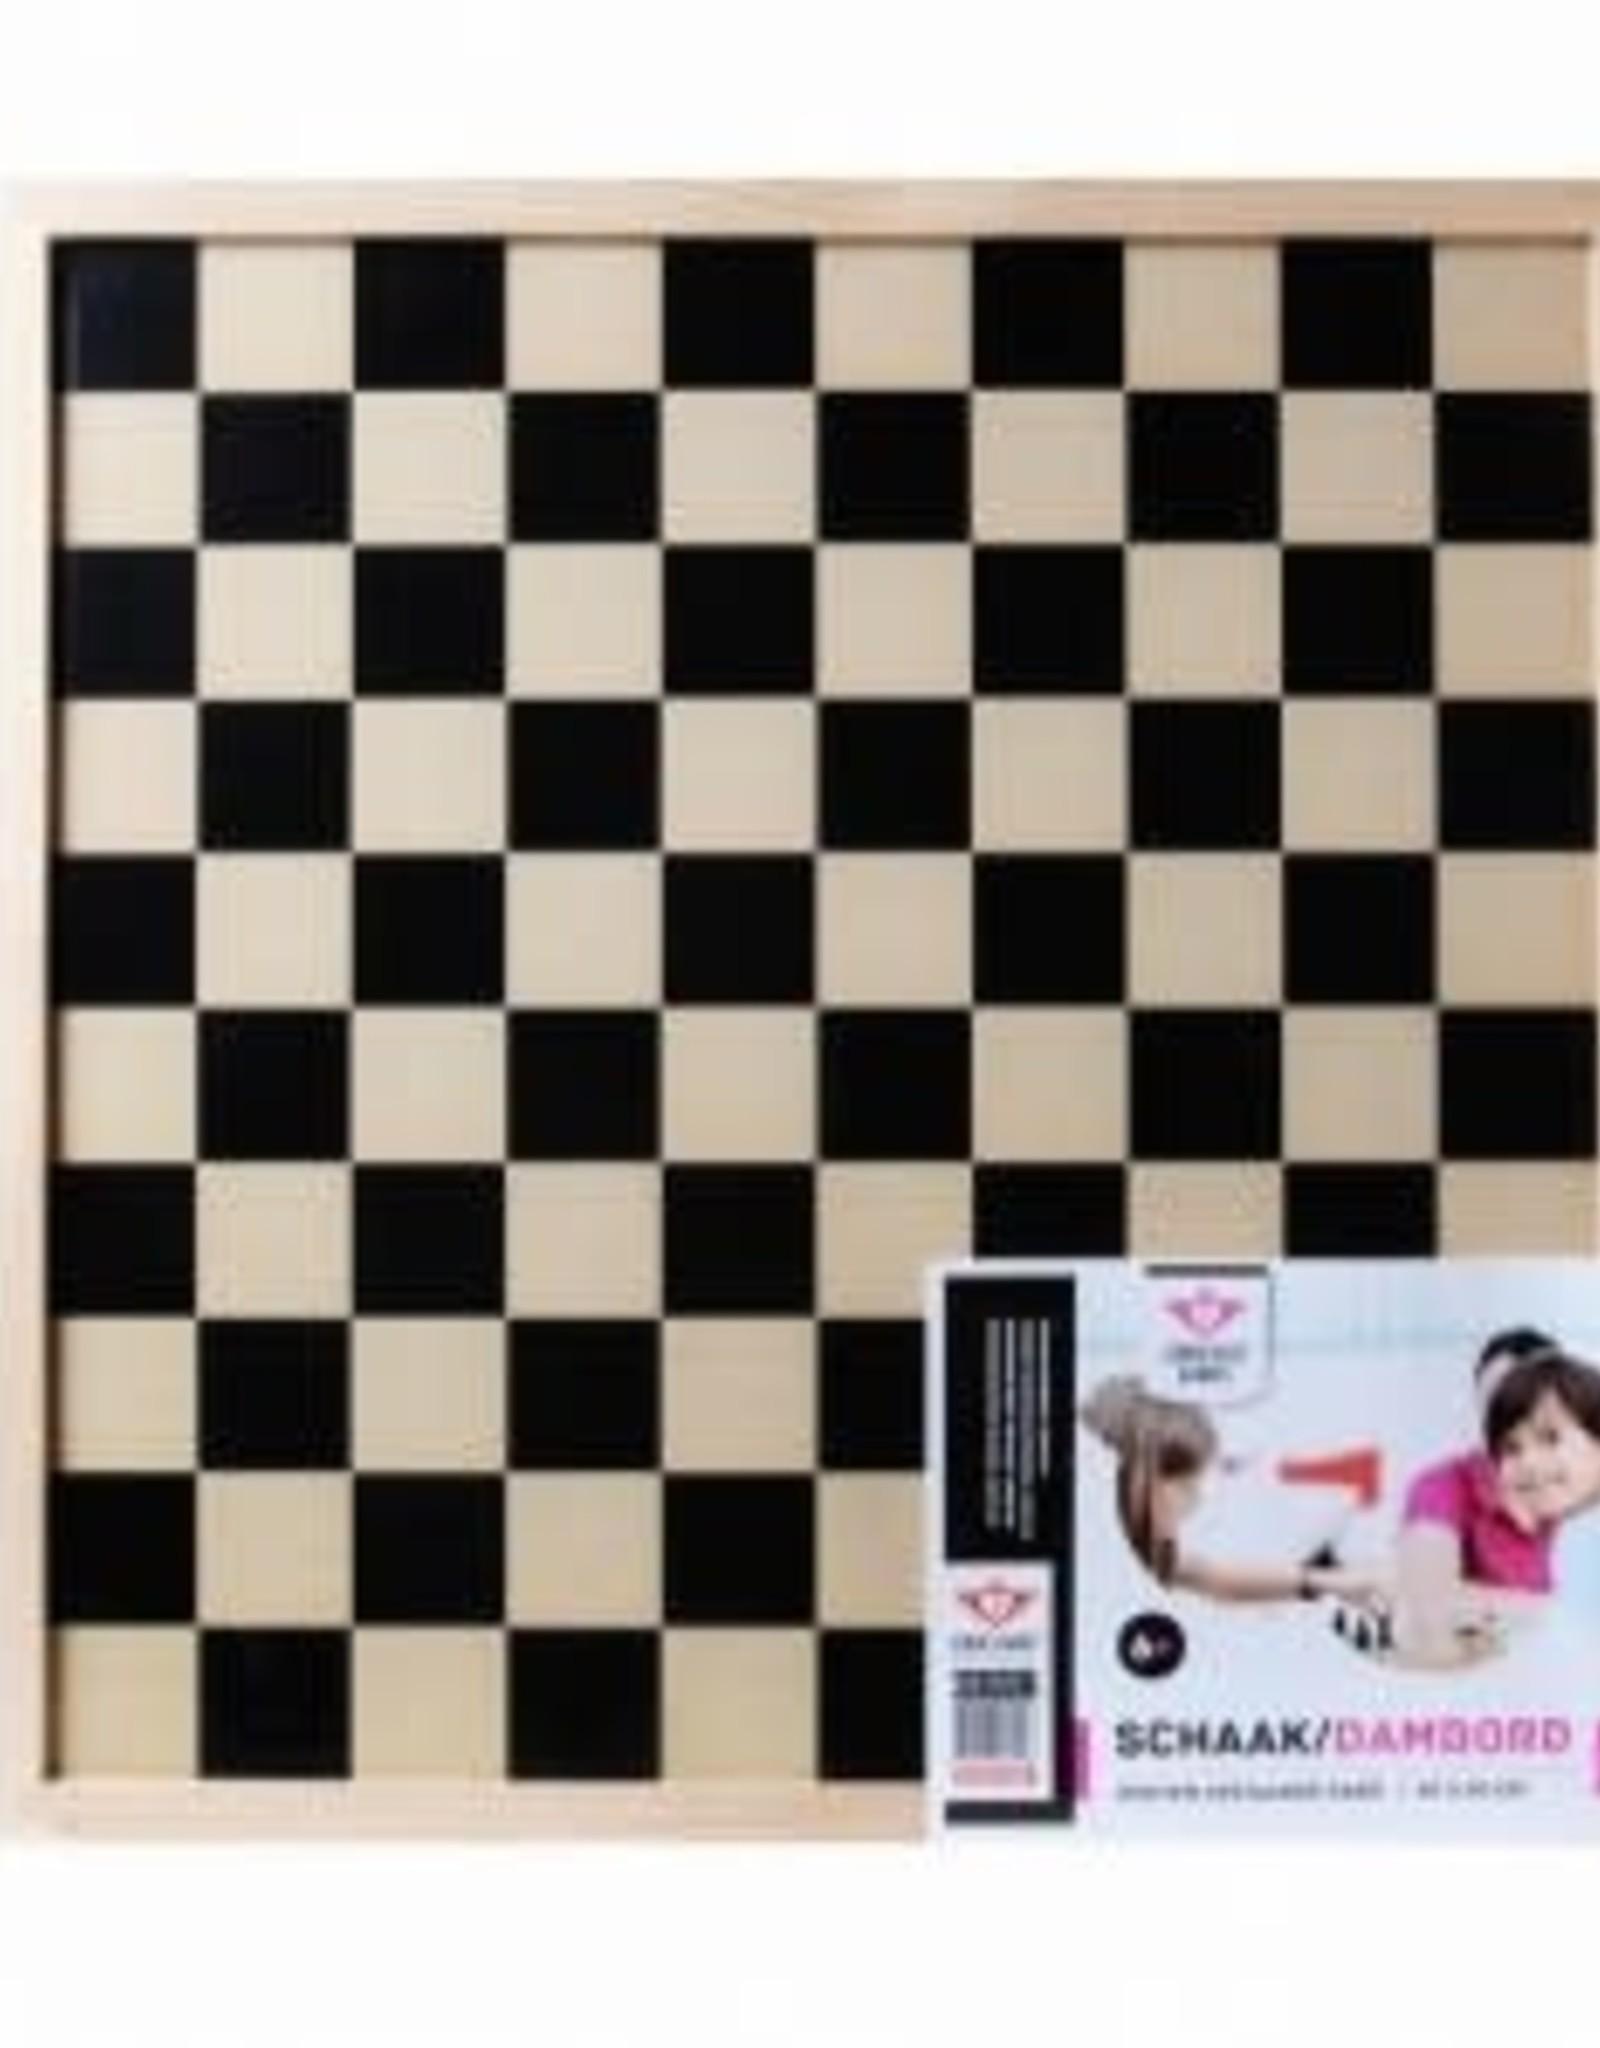 Longfield Games Schaak/dambord